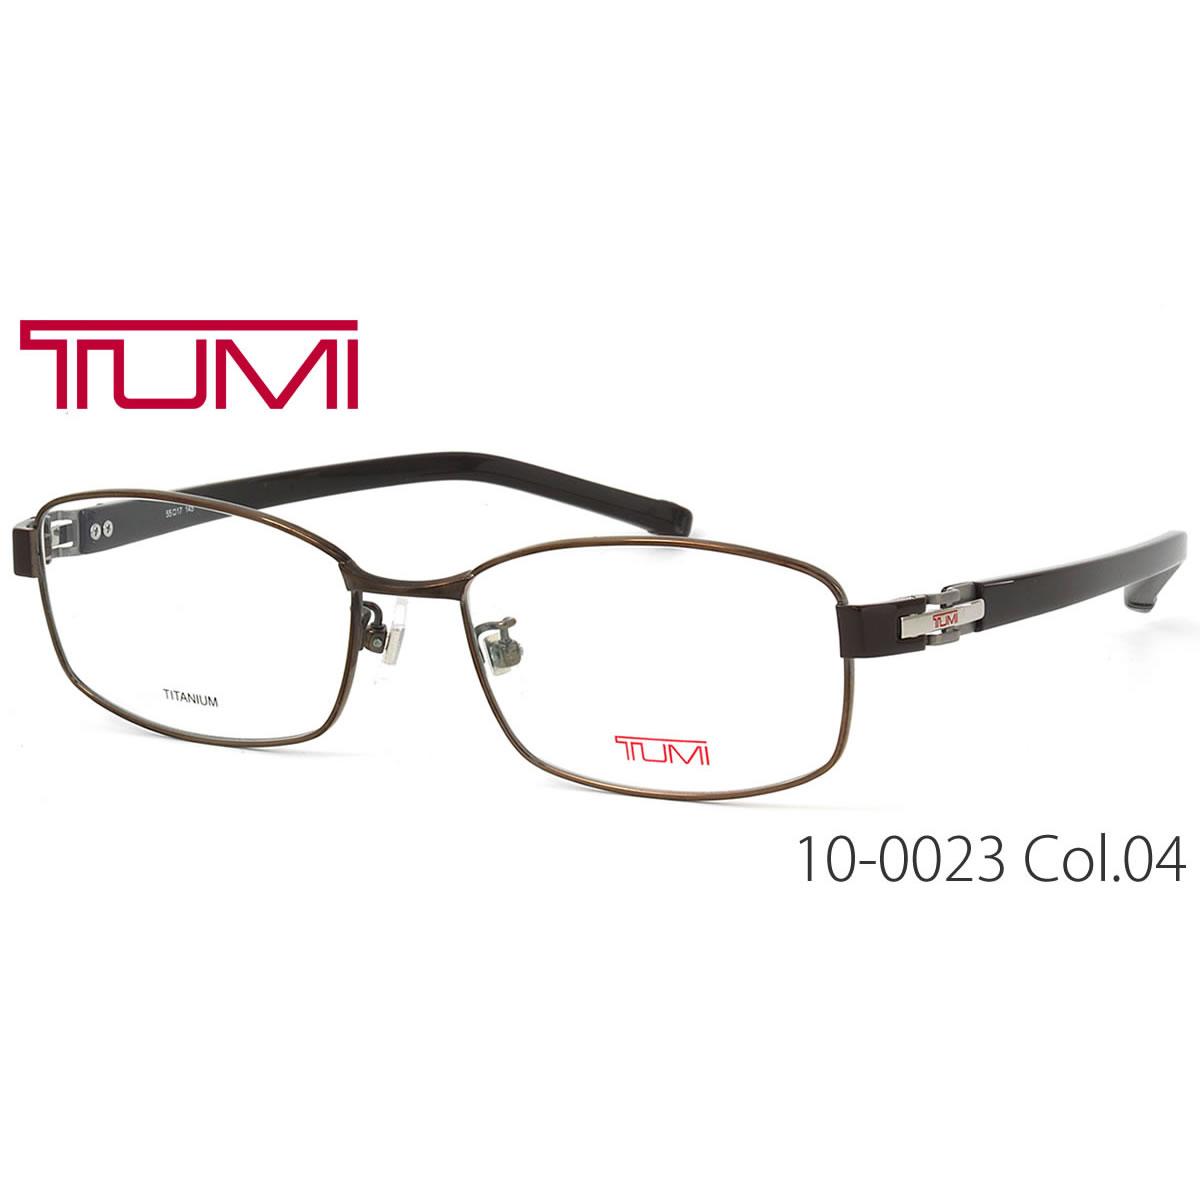 トゥミ メガネ 10-0023 04 55サイズ TUMI ビジネスバッグで人気のブランド メンズ